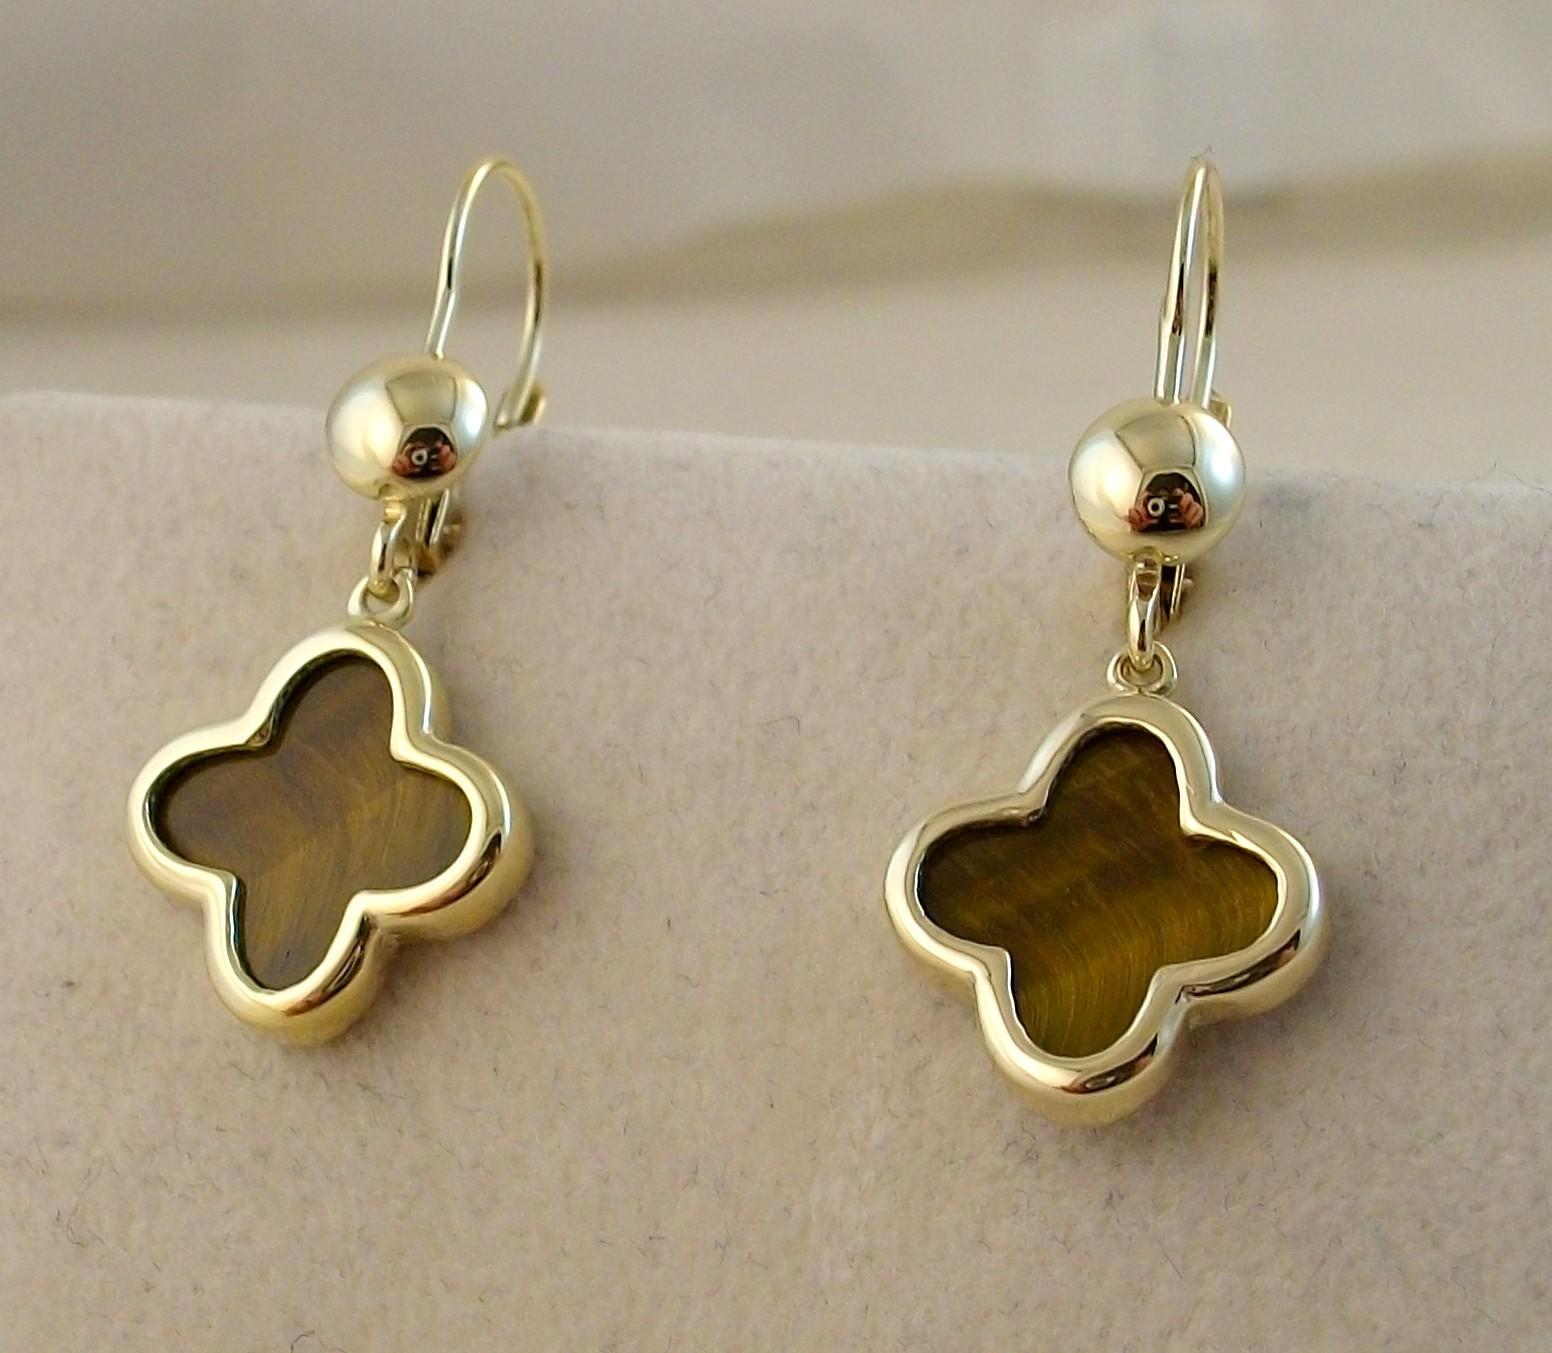 Χρυσά σκουλαρίκια Κ14 με ημιπολύτιμες πέτρες Μοντέρνα-Διάφορα ΣΚ 000589  Βάρος 3.88gr 3cc565f6b6f